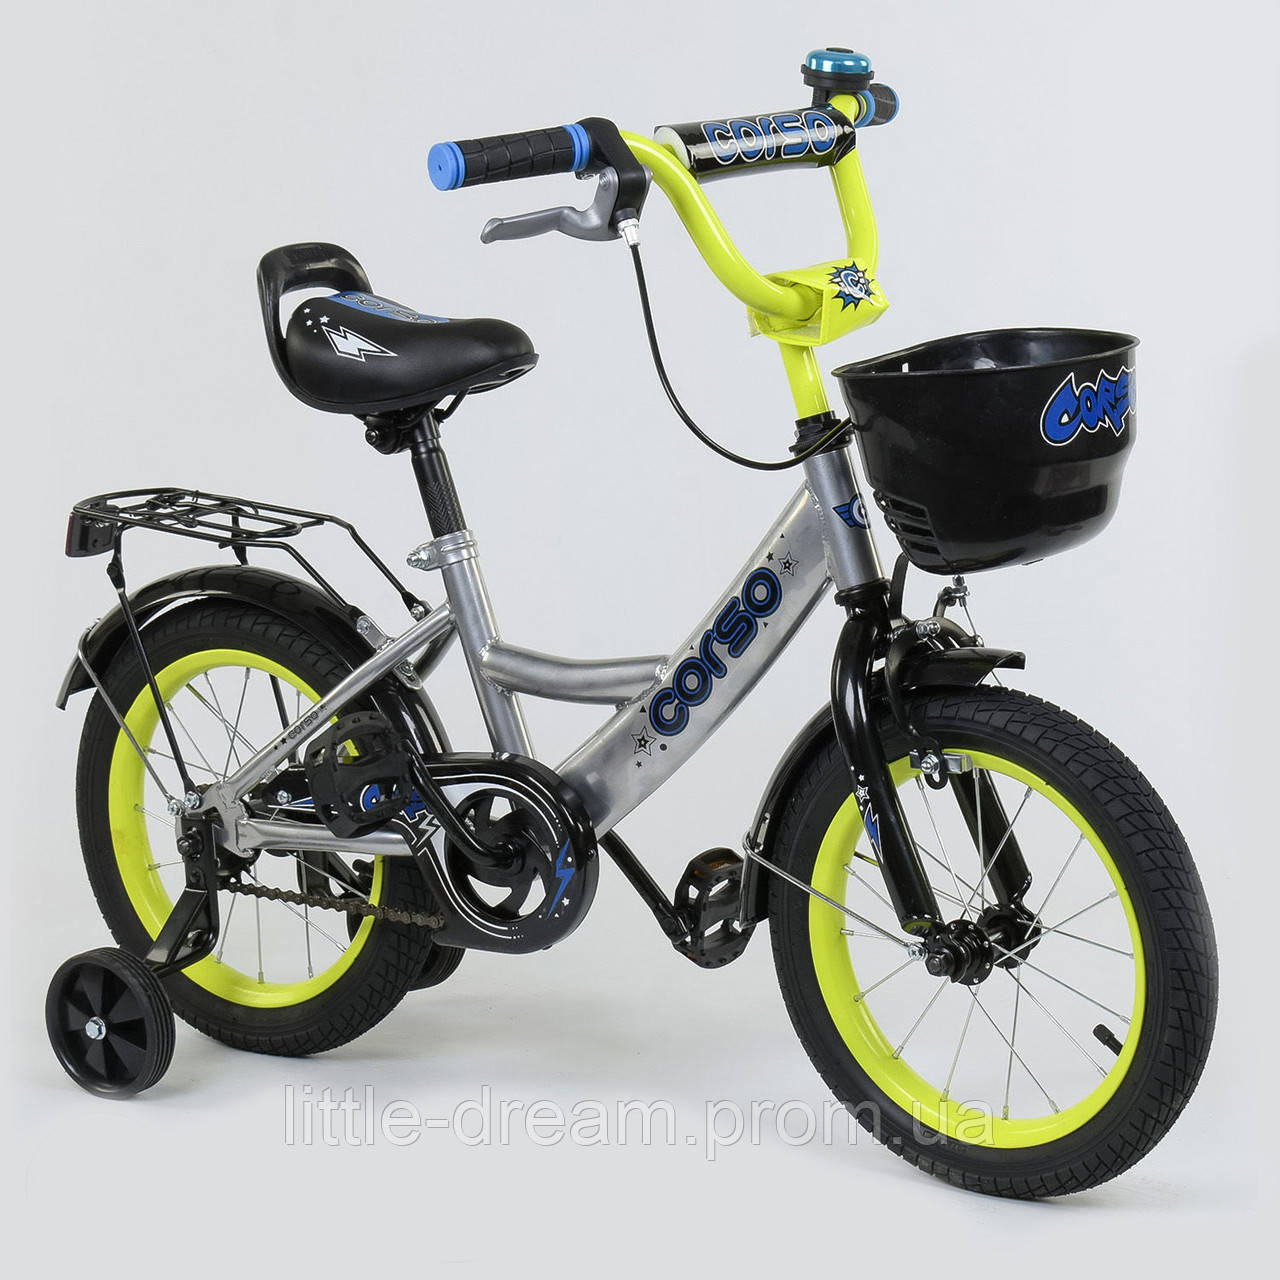 """Велосипед 14"""" дюймов 2-х колёсный G-14590 """"CORSO"""", ручной тормоз, звоночек, сидение с ручкой, дополнительные колеса"""